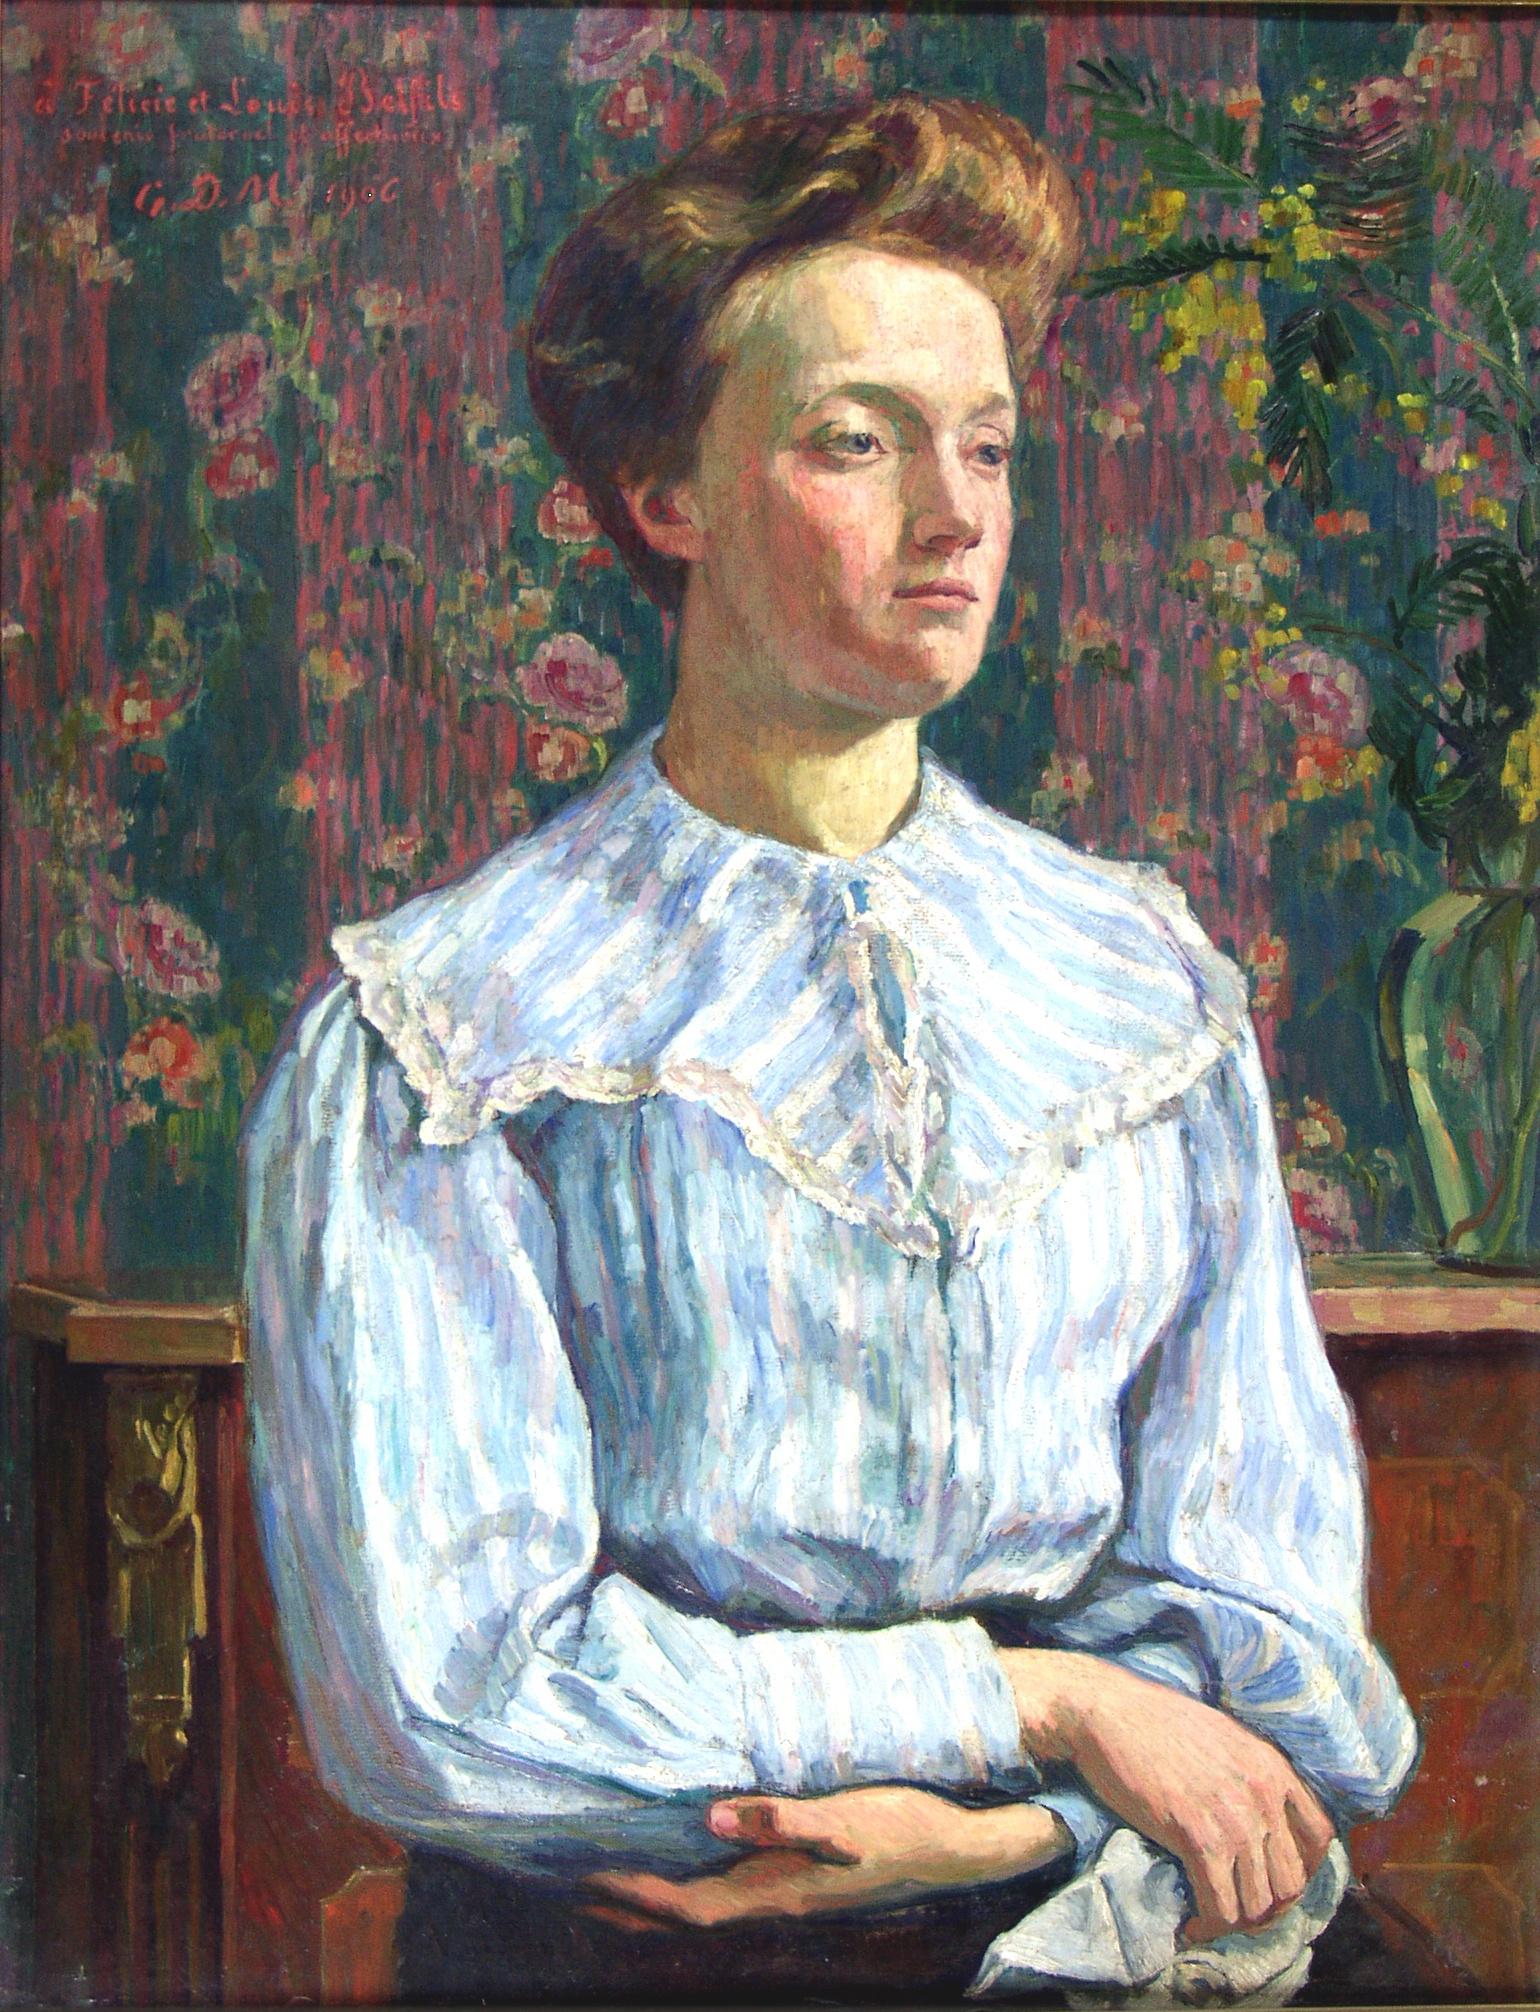 Oeuvre : Précisions - Portrait de Félicie Belfis | Les Musées de Narbonne